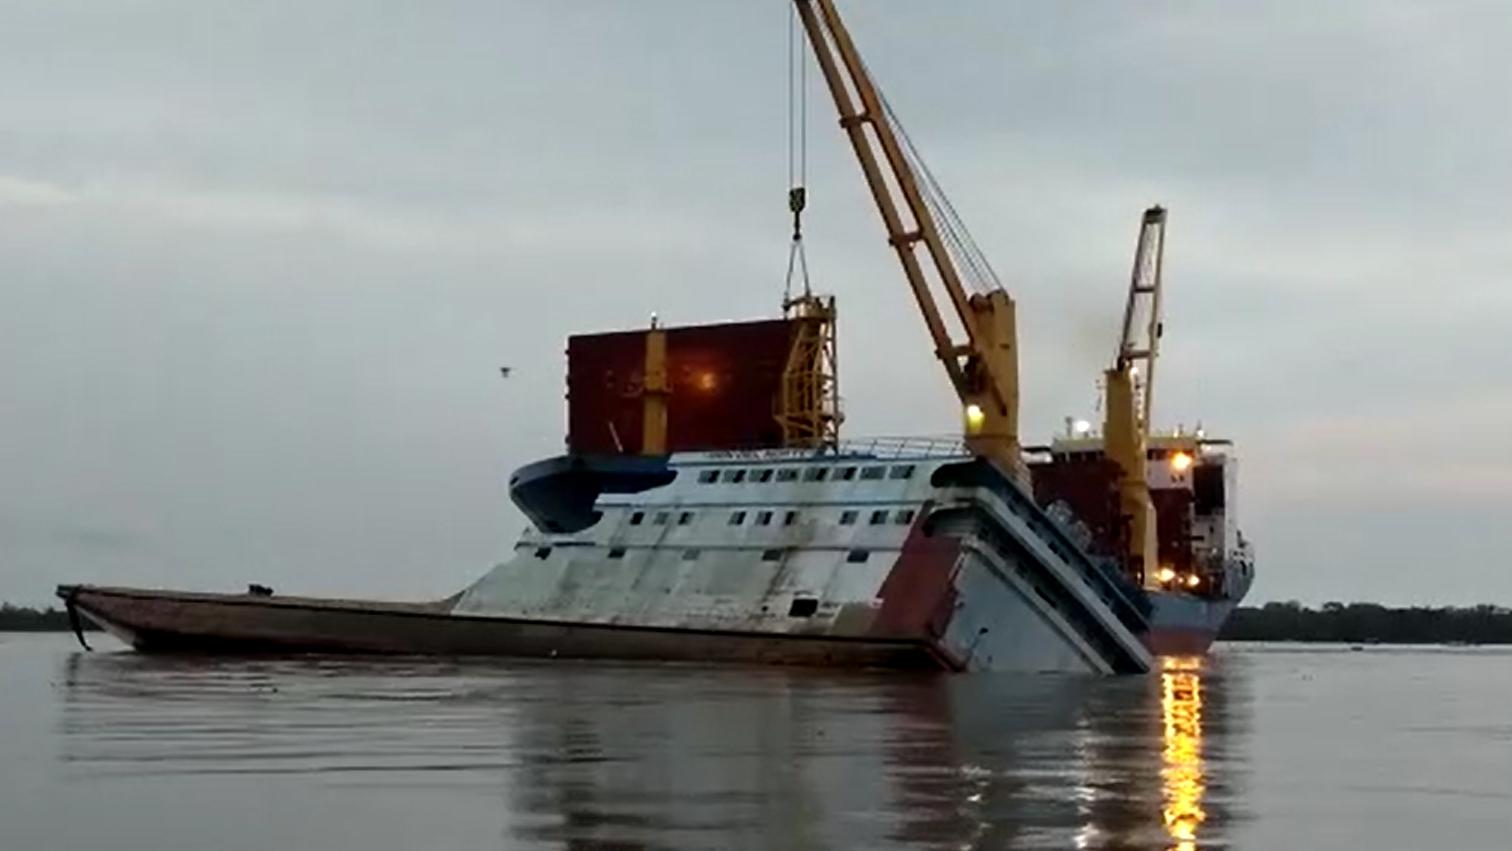 Las embarcaciones se empezaron a hundir tras la colisión.